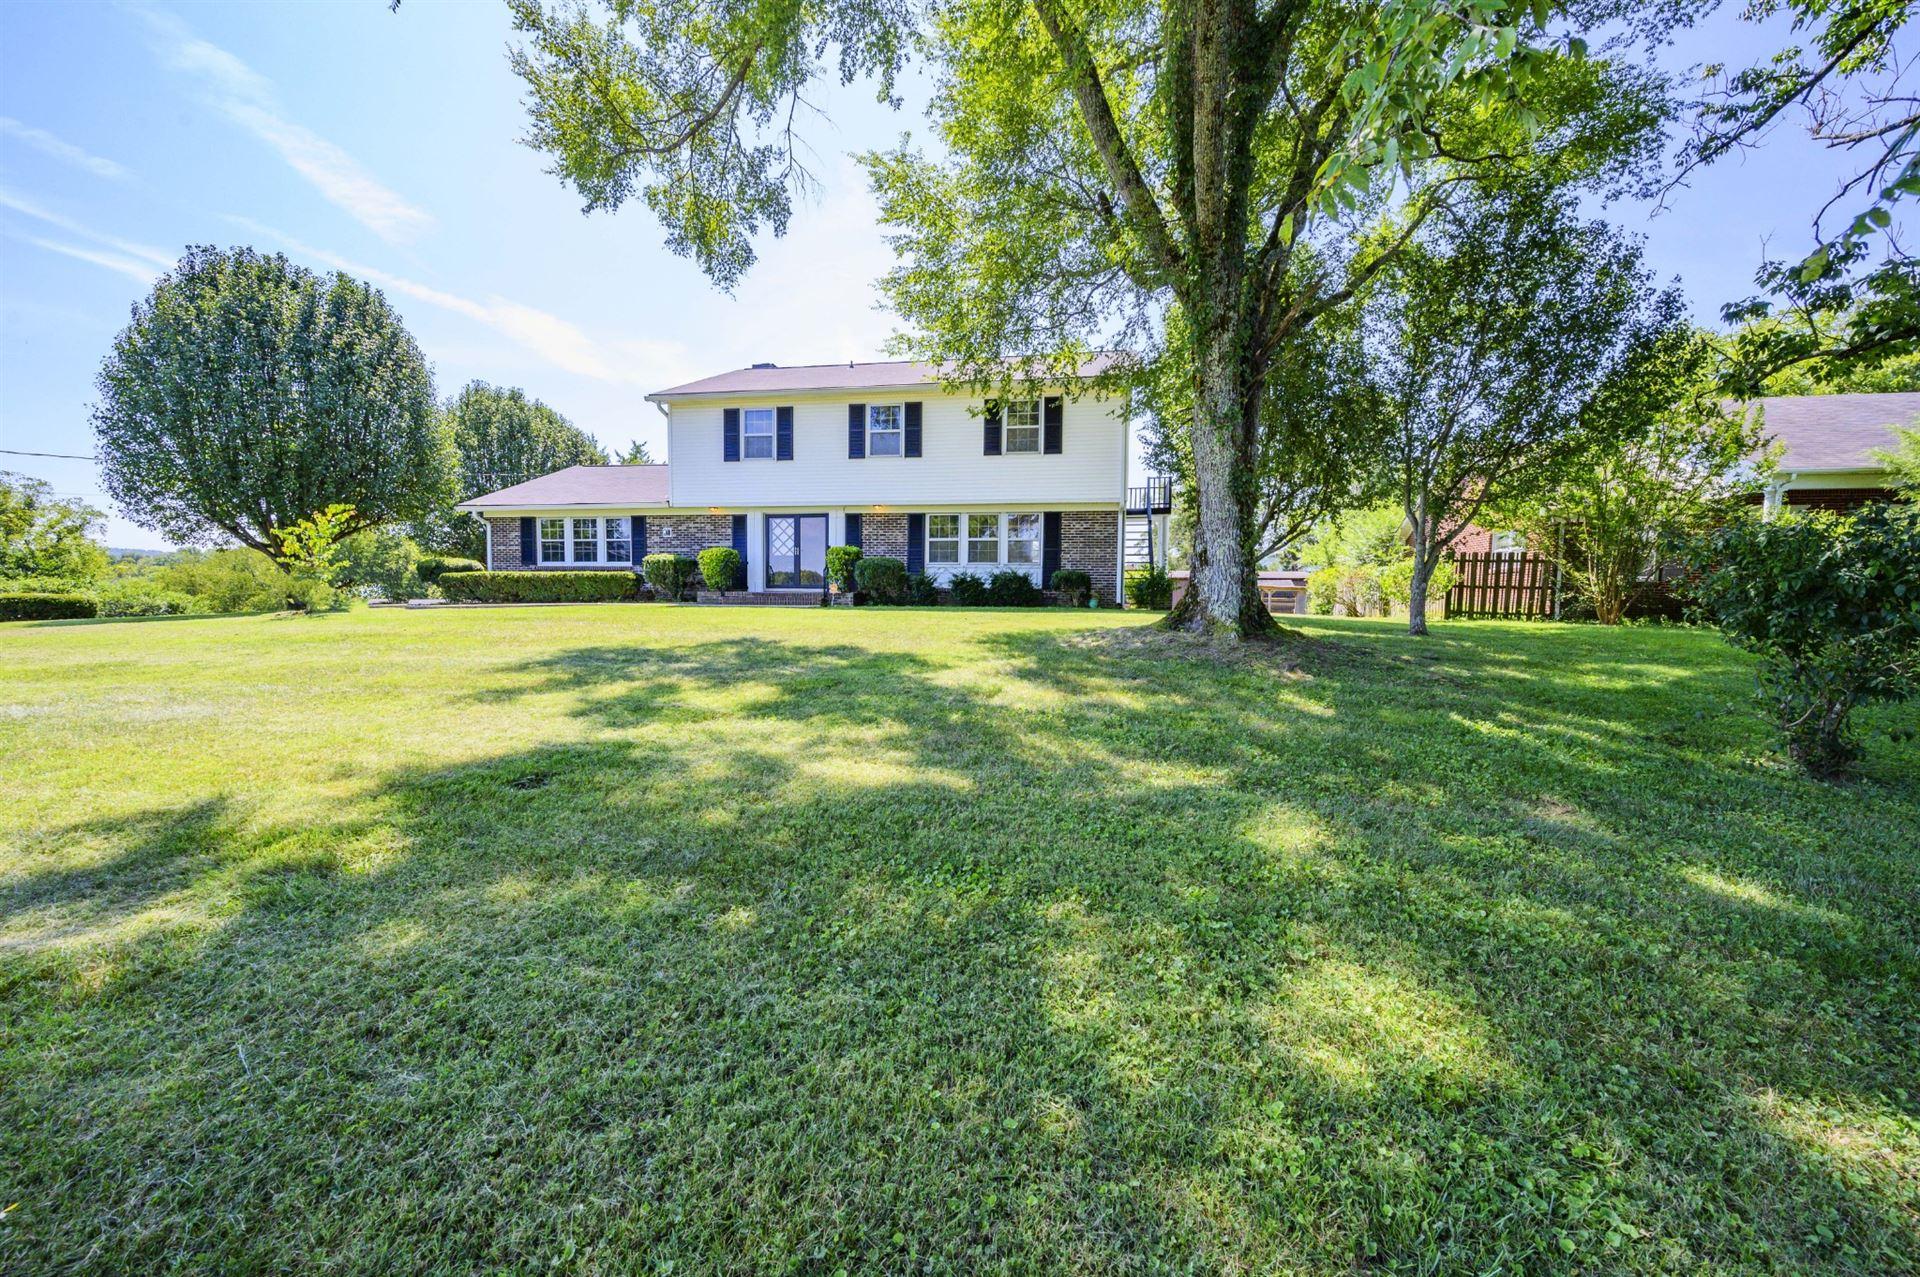 113 E Colonial St, Woodbury, TN 37190 - MLS#: 2181262